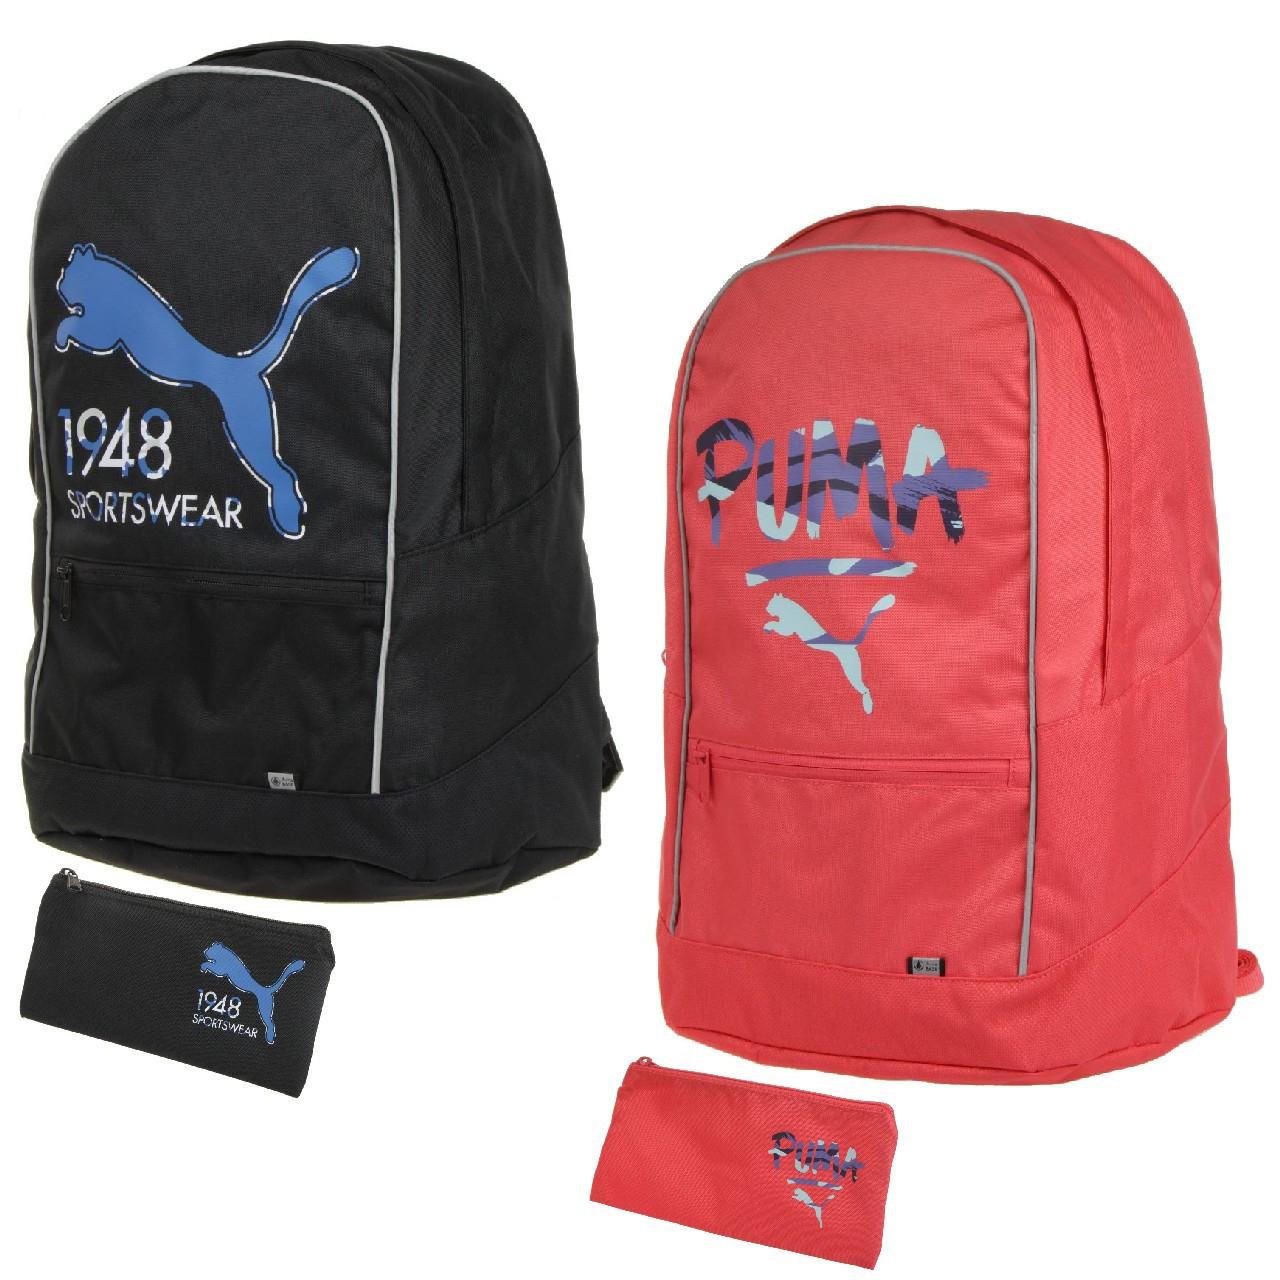 PUMA Pioneer Rucksack mit Universalbeutel in schwarz oder cayenne für 10€ inkl. Versand